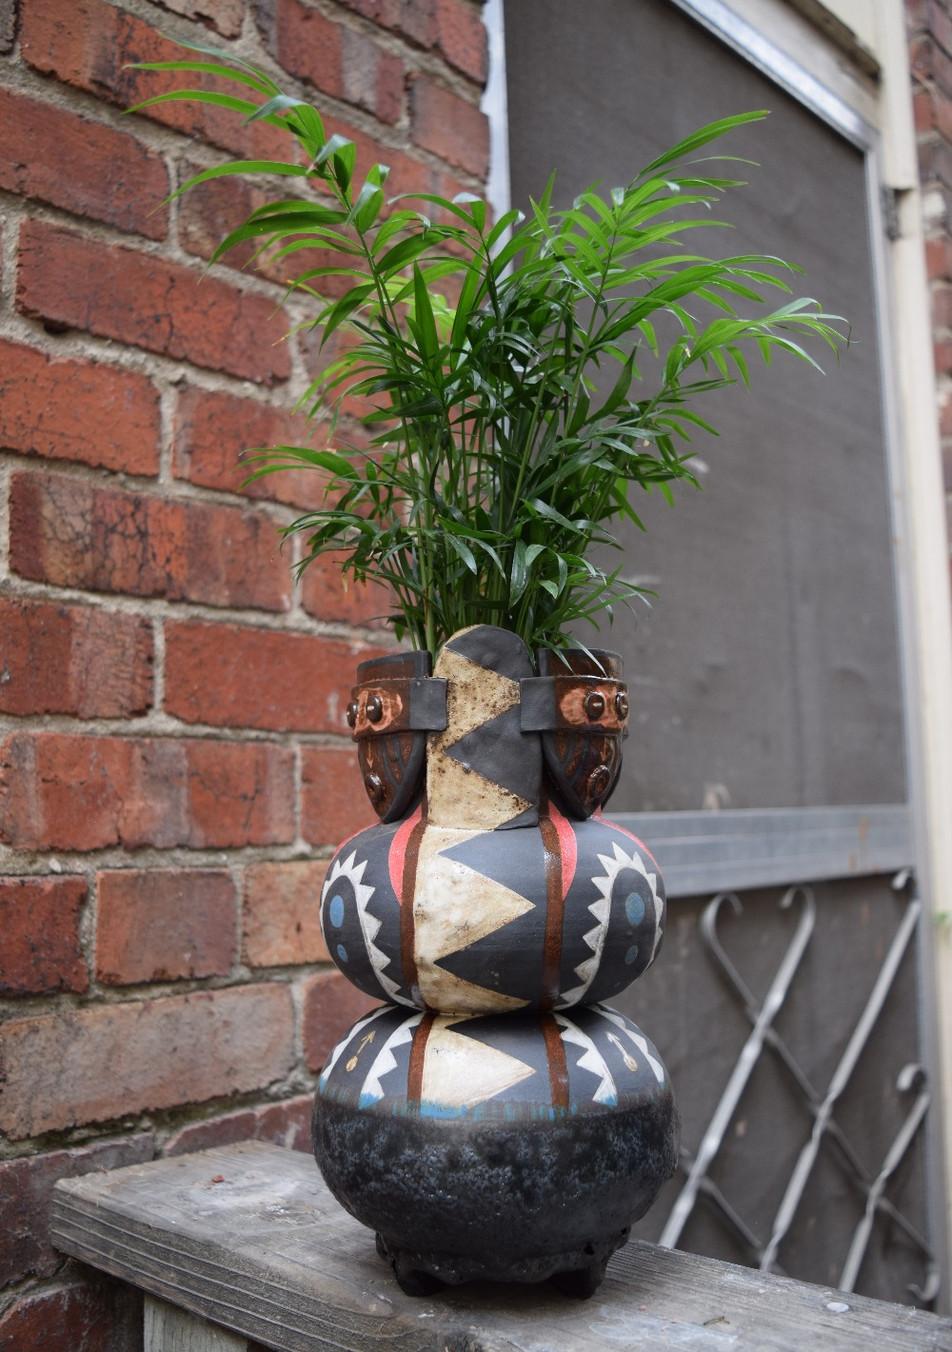 Five Masked Planter